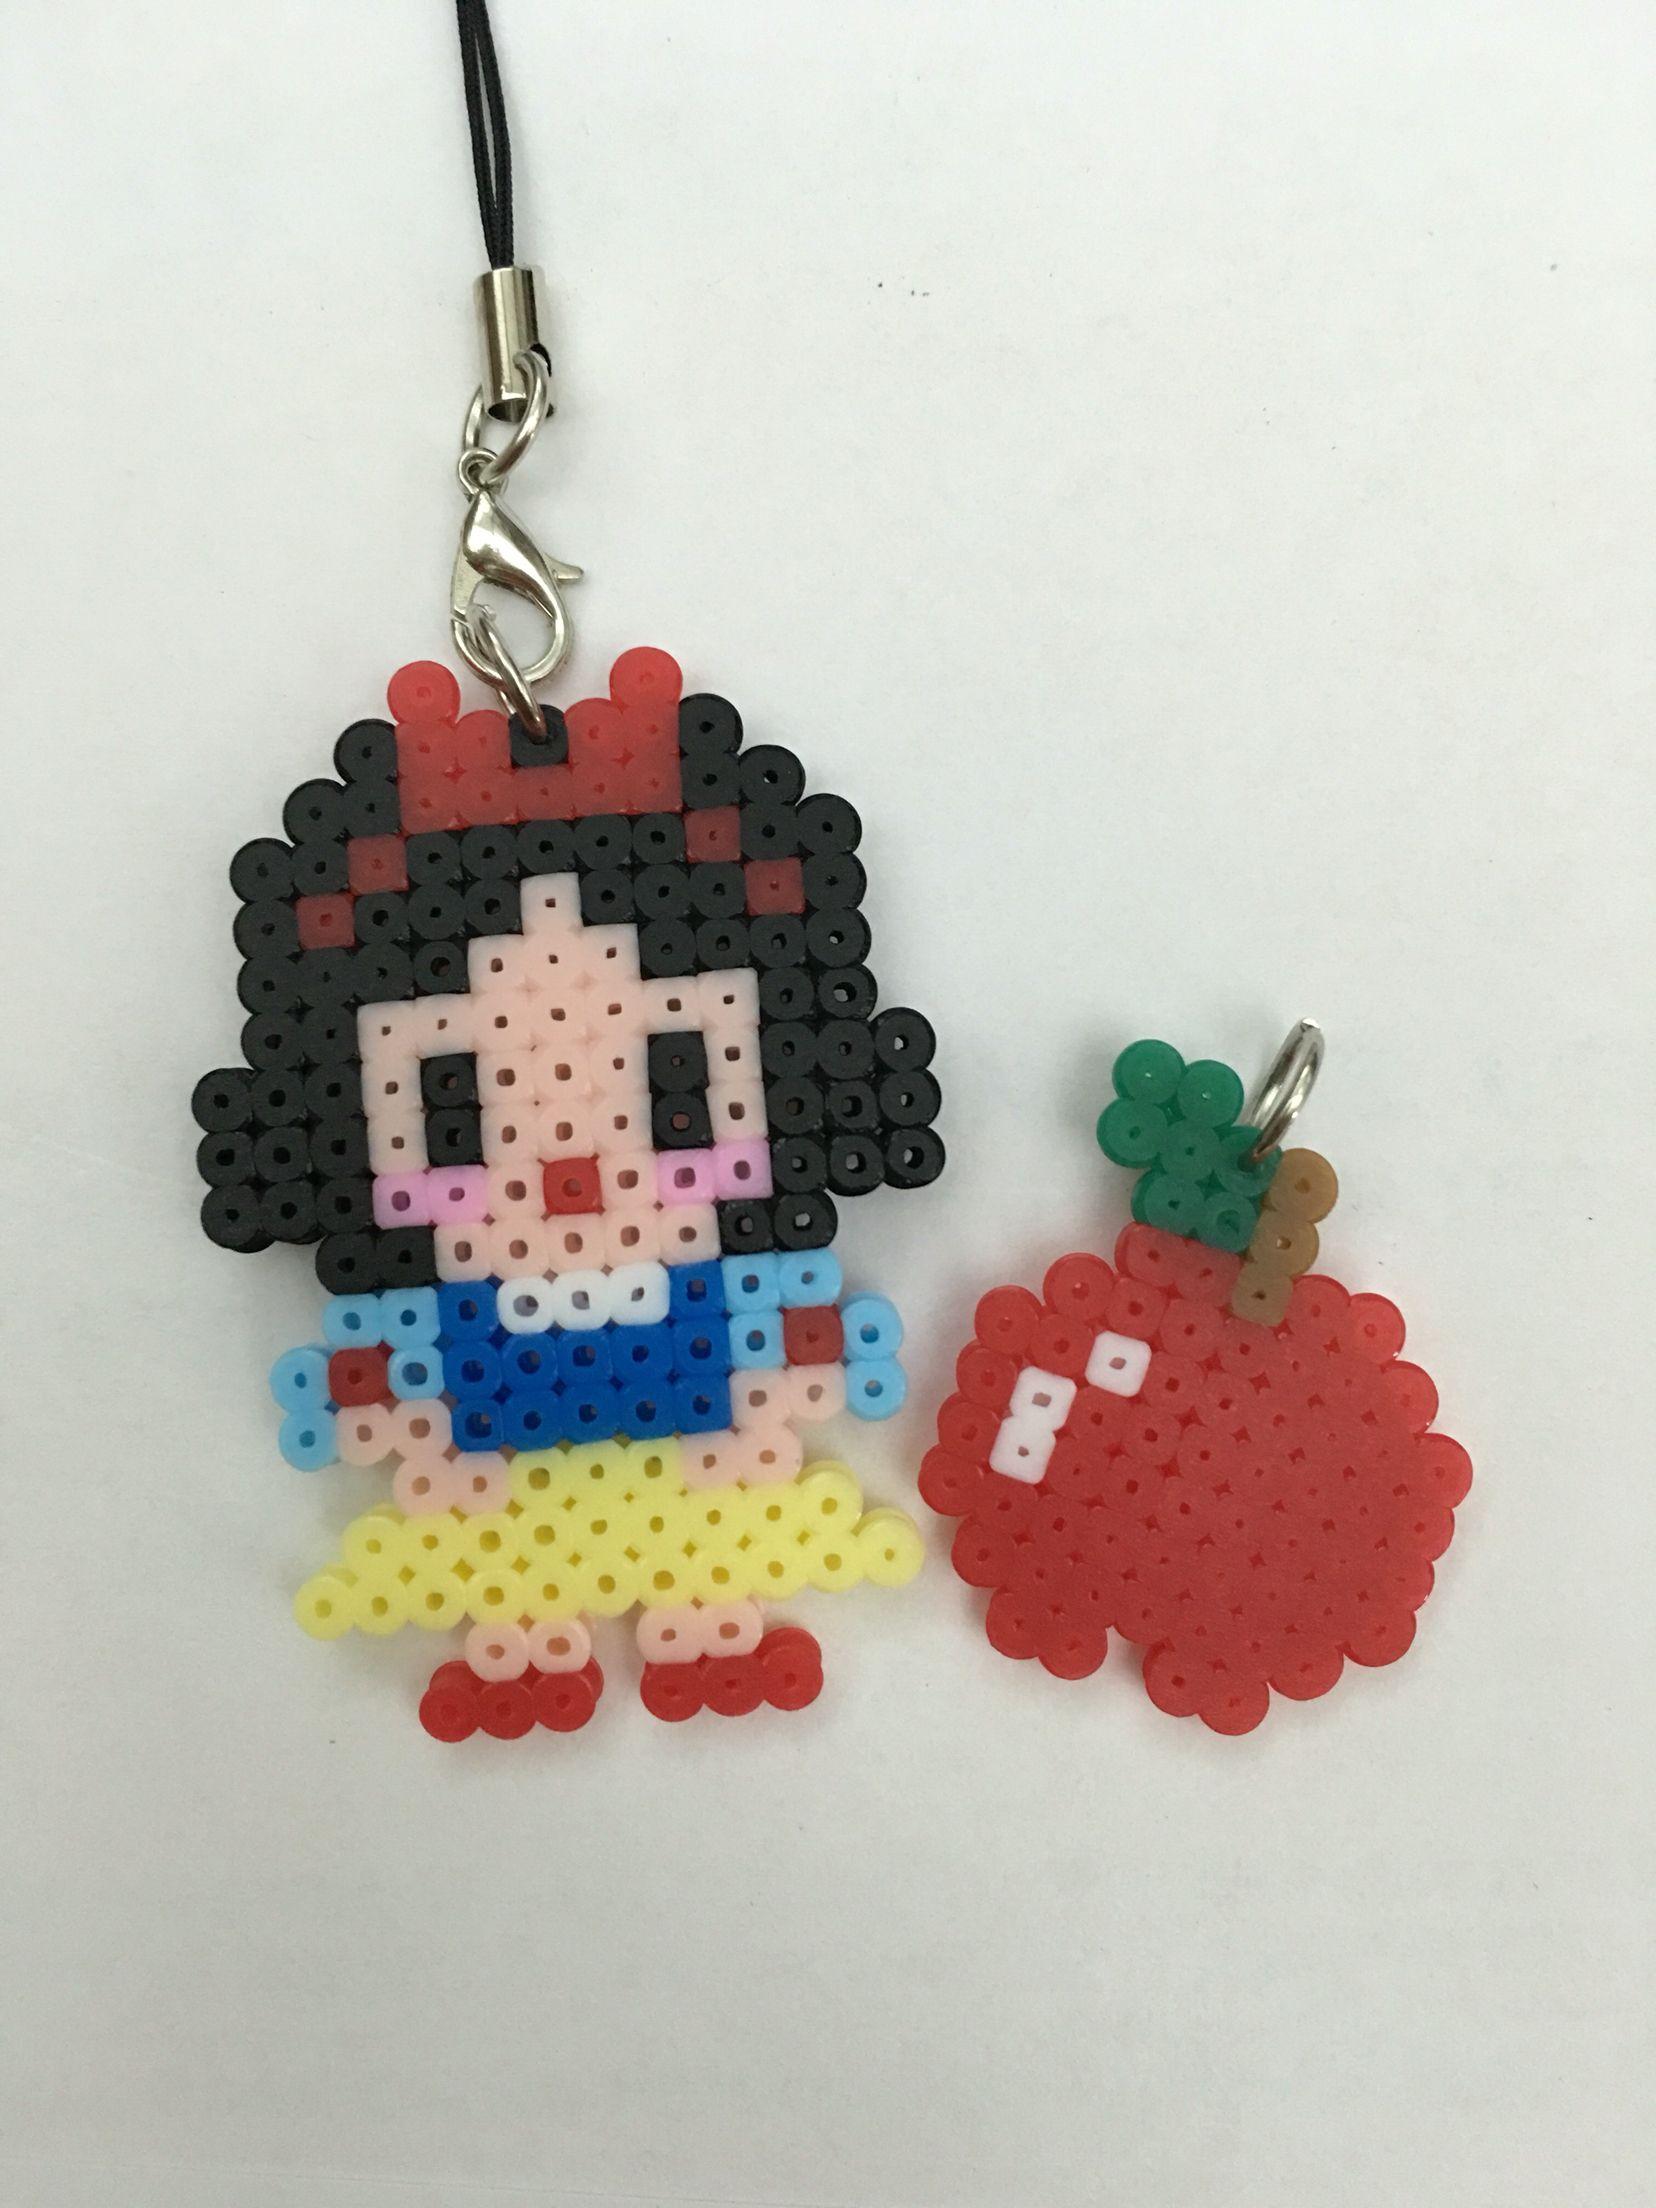 Hama Beads Disney Princess Snow White Hama Beads Plantillas Hama Beads Llaveros Hama Beads